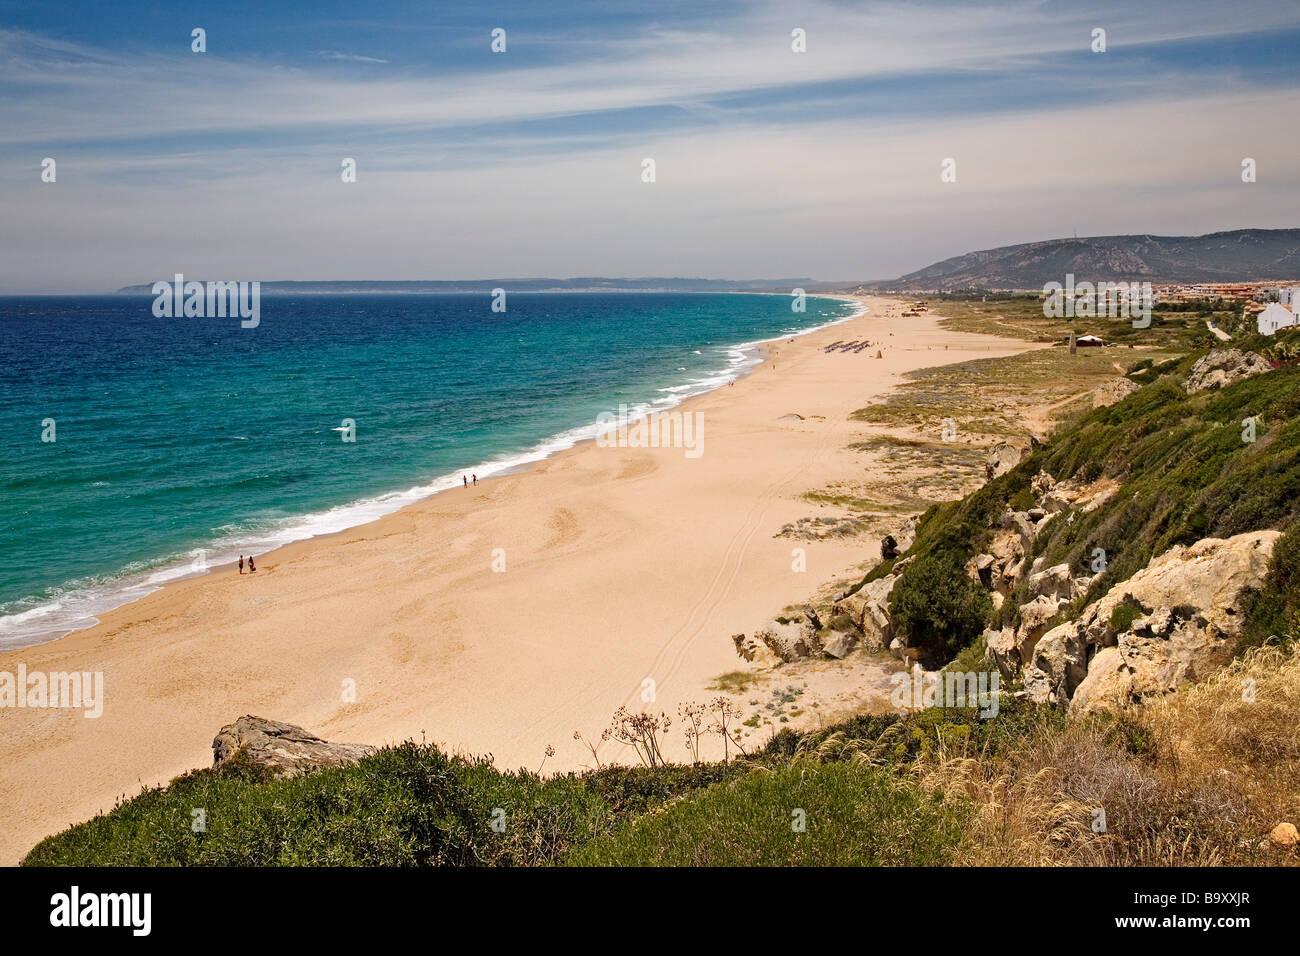 Zahara de los atunes beach in barbate costa de la luz for Piscinas naturales zahara delos atunes